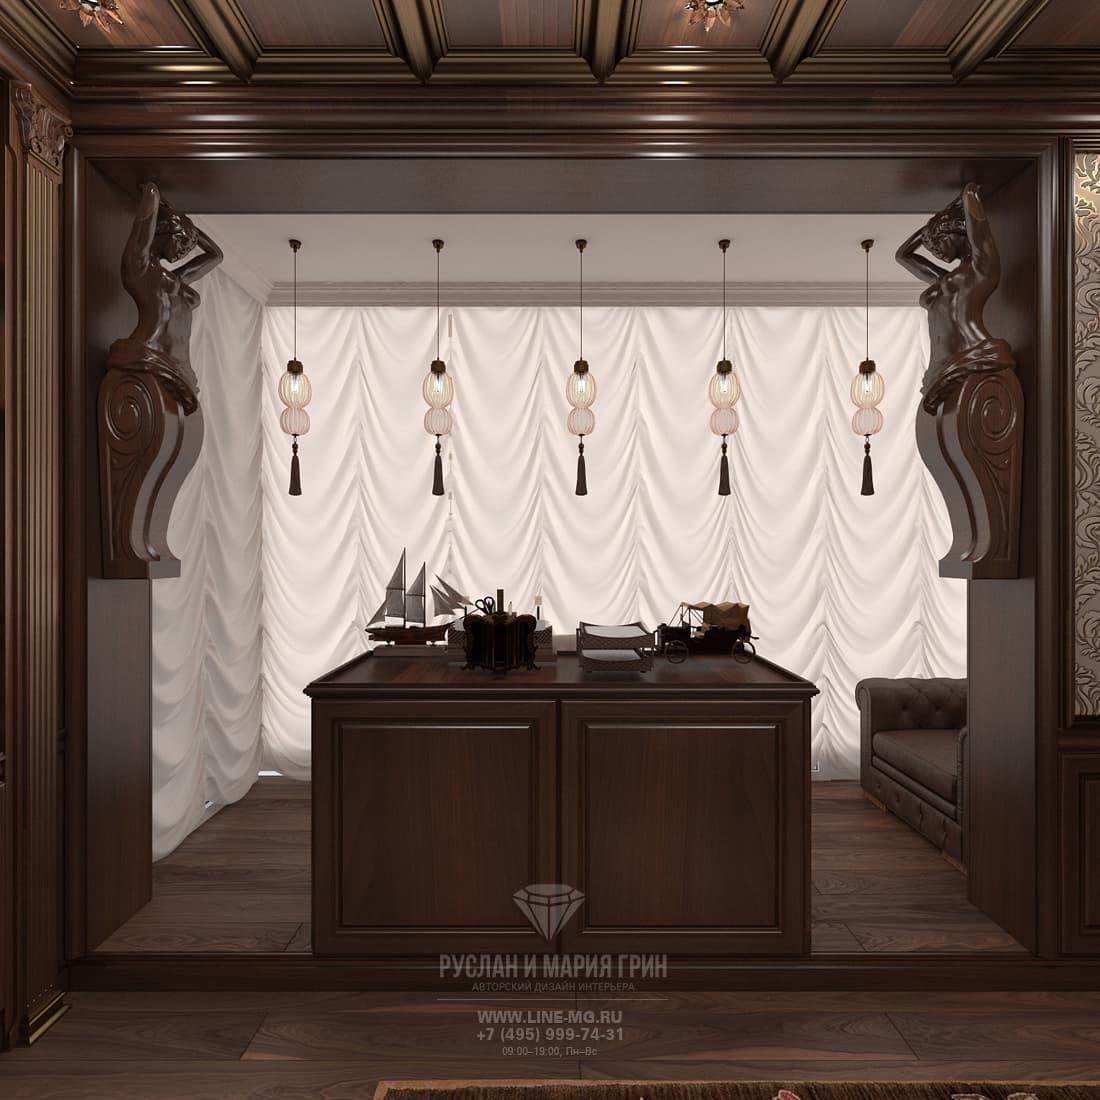 Дизайн кабинета в классическом стиле. Фото